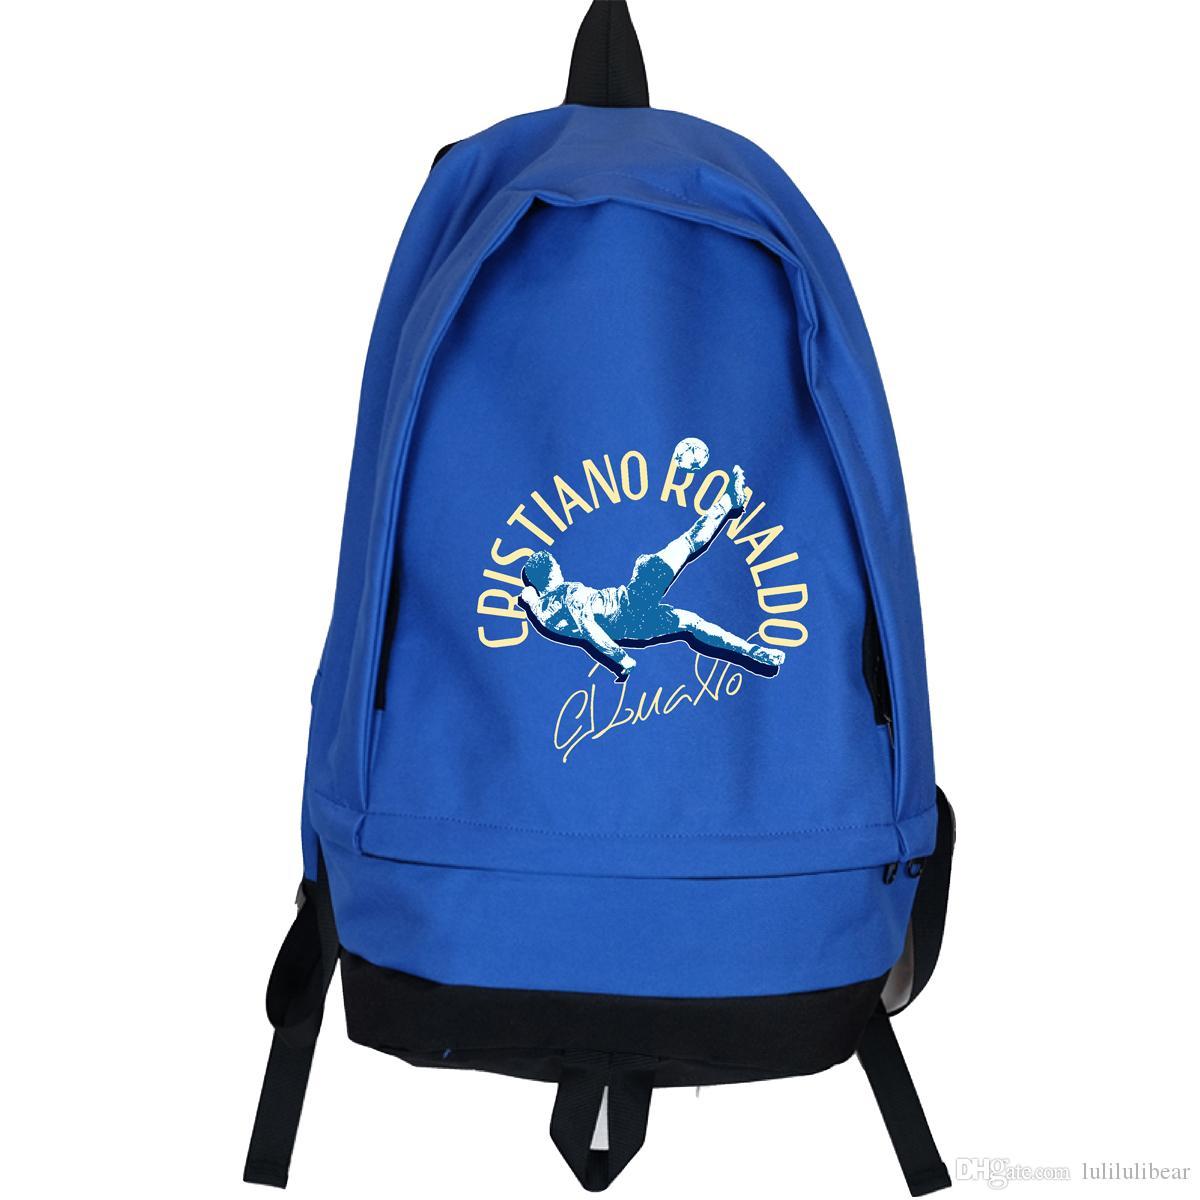 رونالدو ميسي قماش ظهره الرجال النساء السفر قدرة كبيرة حقيبة بوي فتاة مدرسة حقيبة القدم الكرة bagpack الظهر mochila اجتماعيون